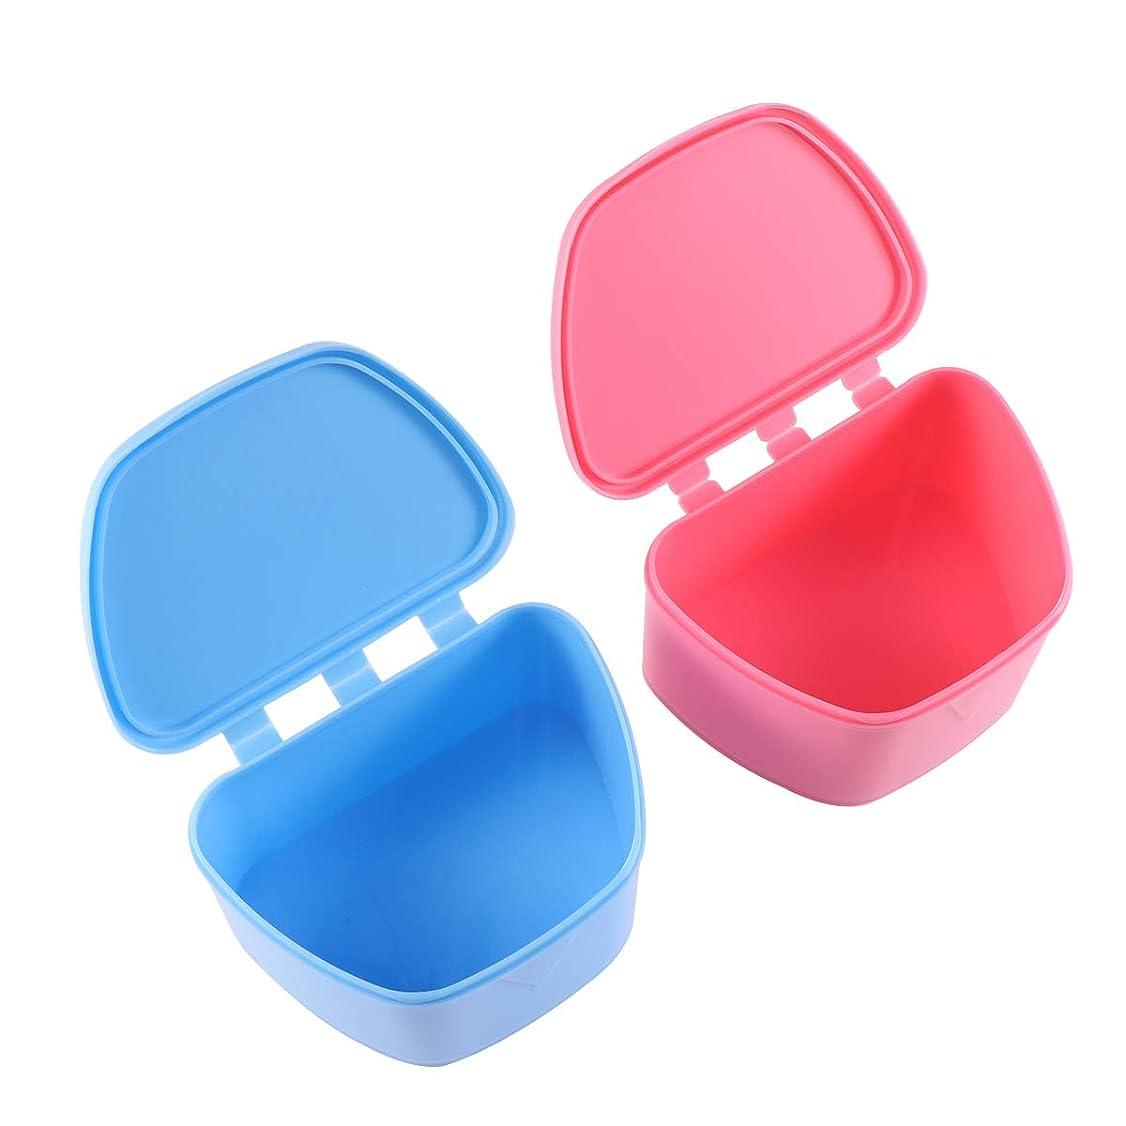 リズムインポートアコードHealifty 歯科ケース義歯収納ボックス矯正歯科ボックス2個(青とロージー)